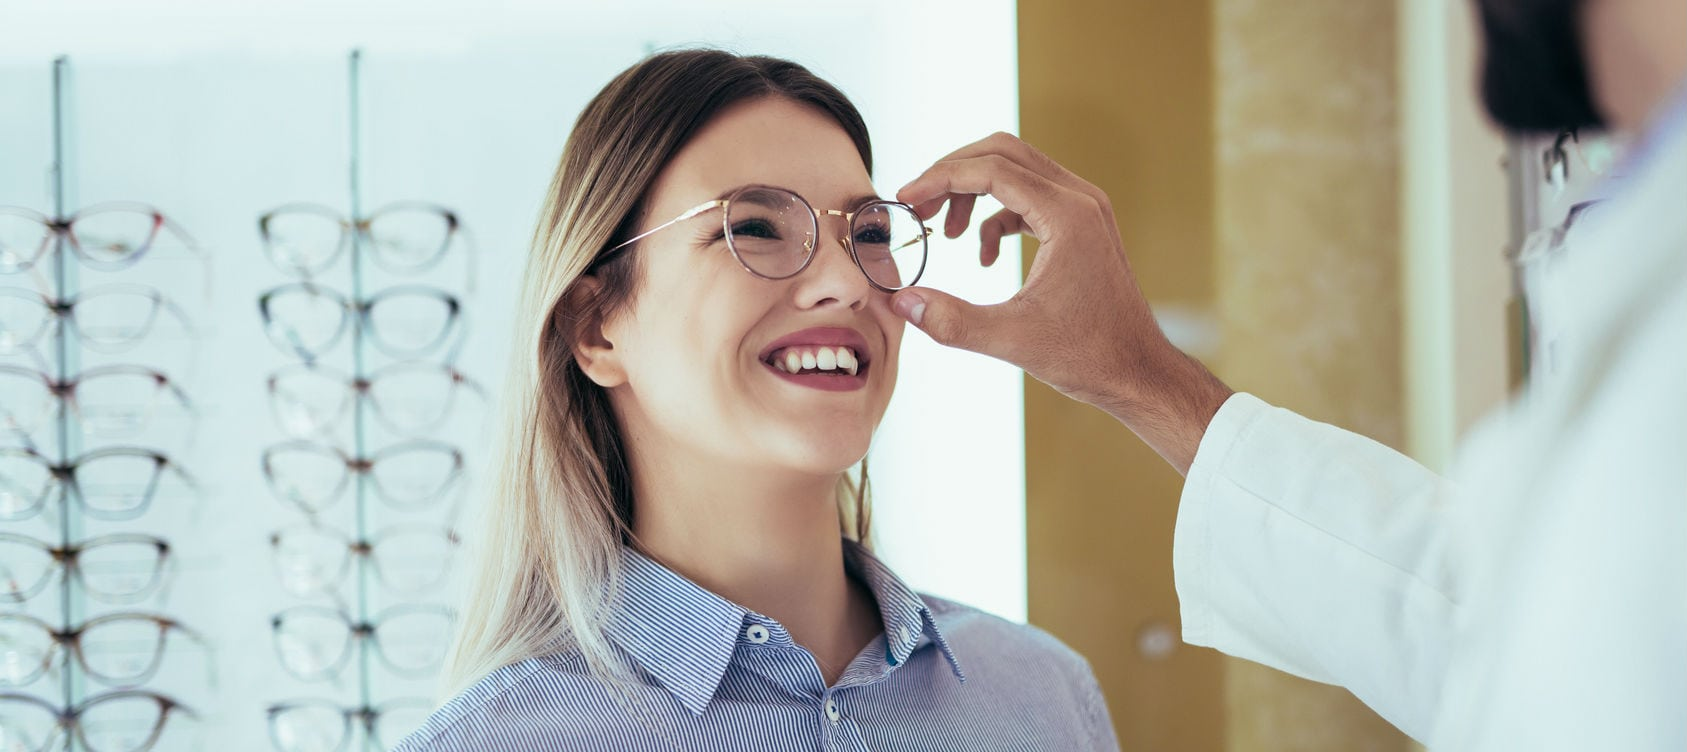 Estamos especializados en cuidado y salud visual